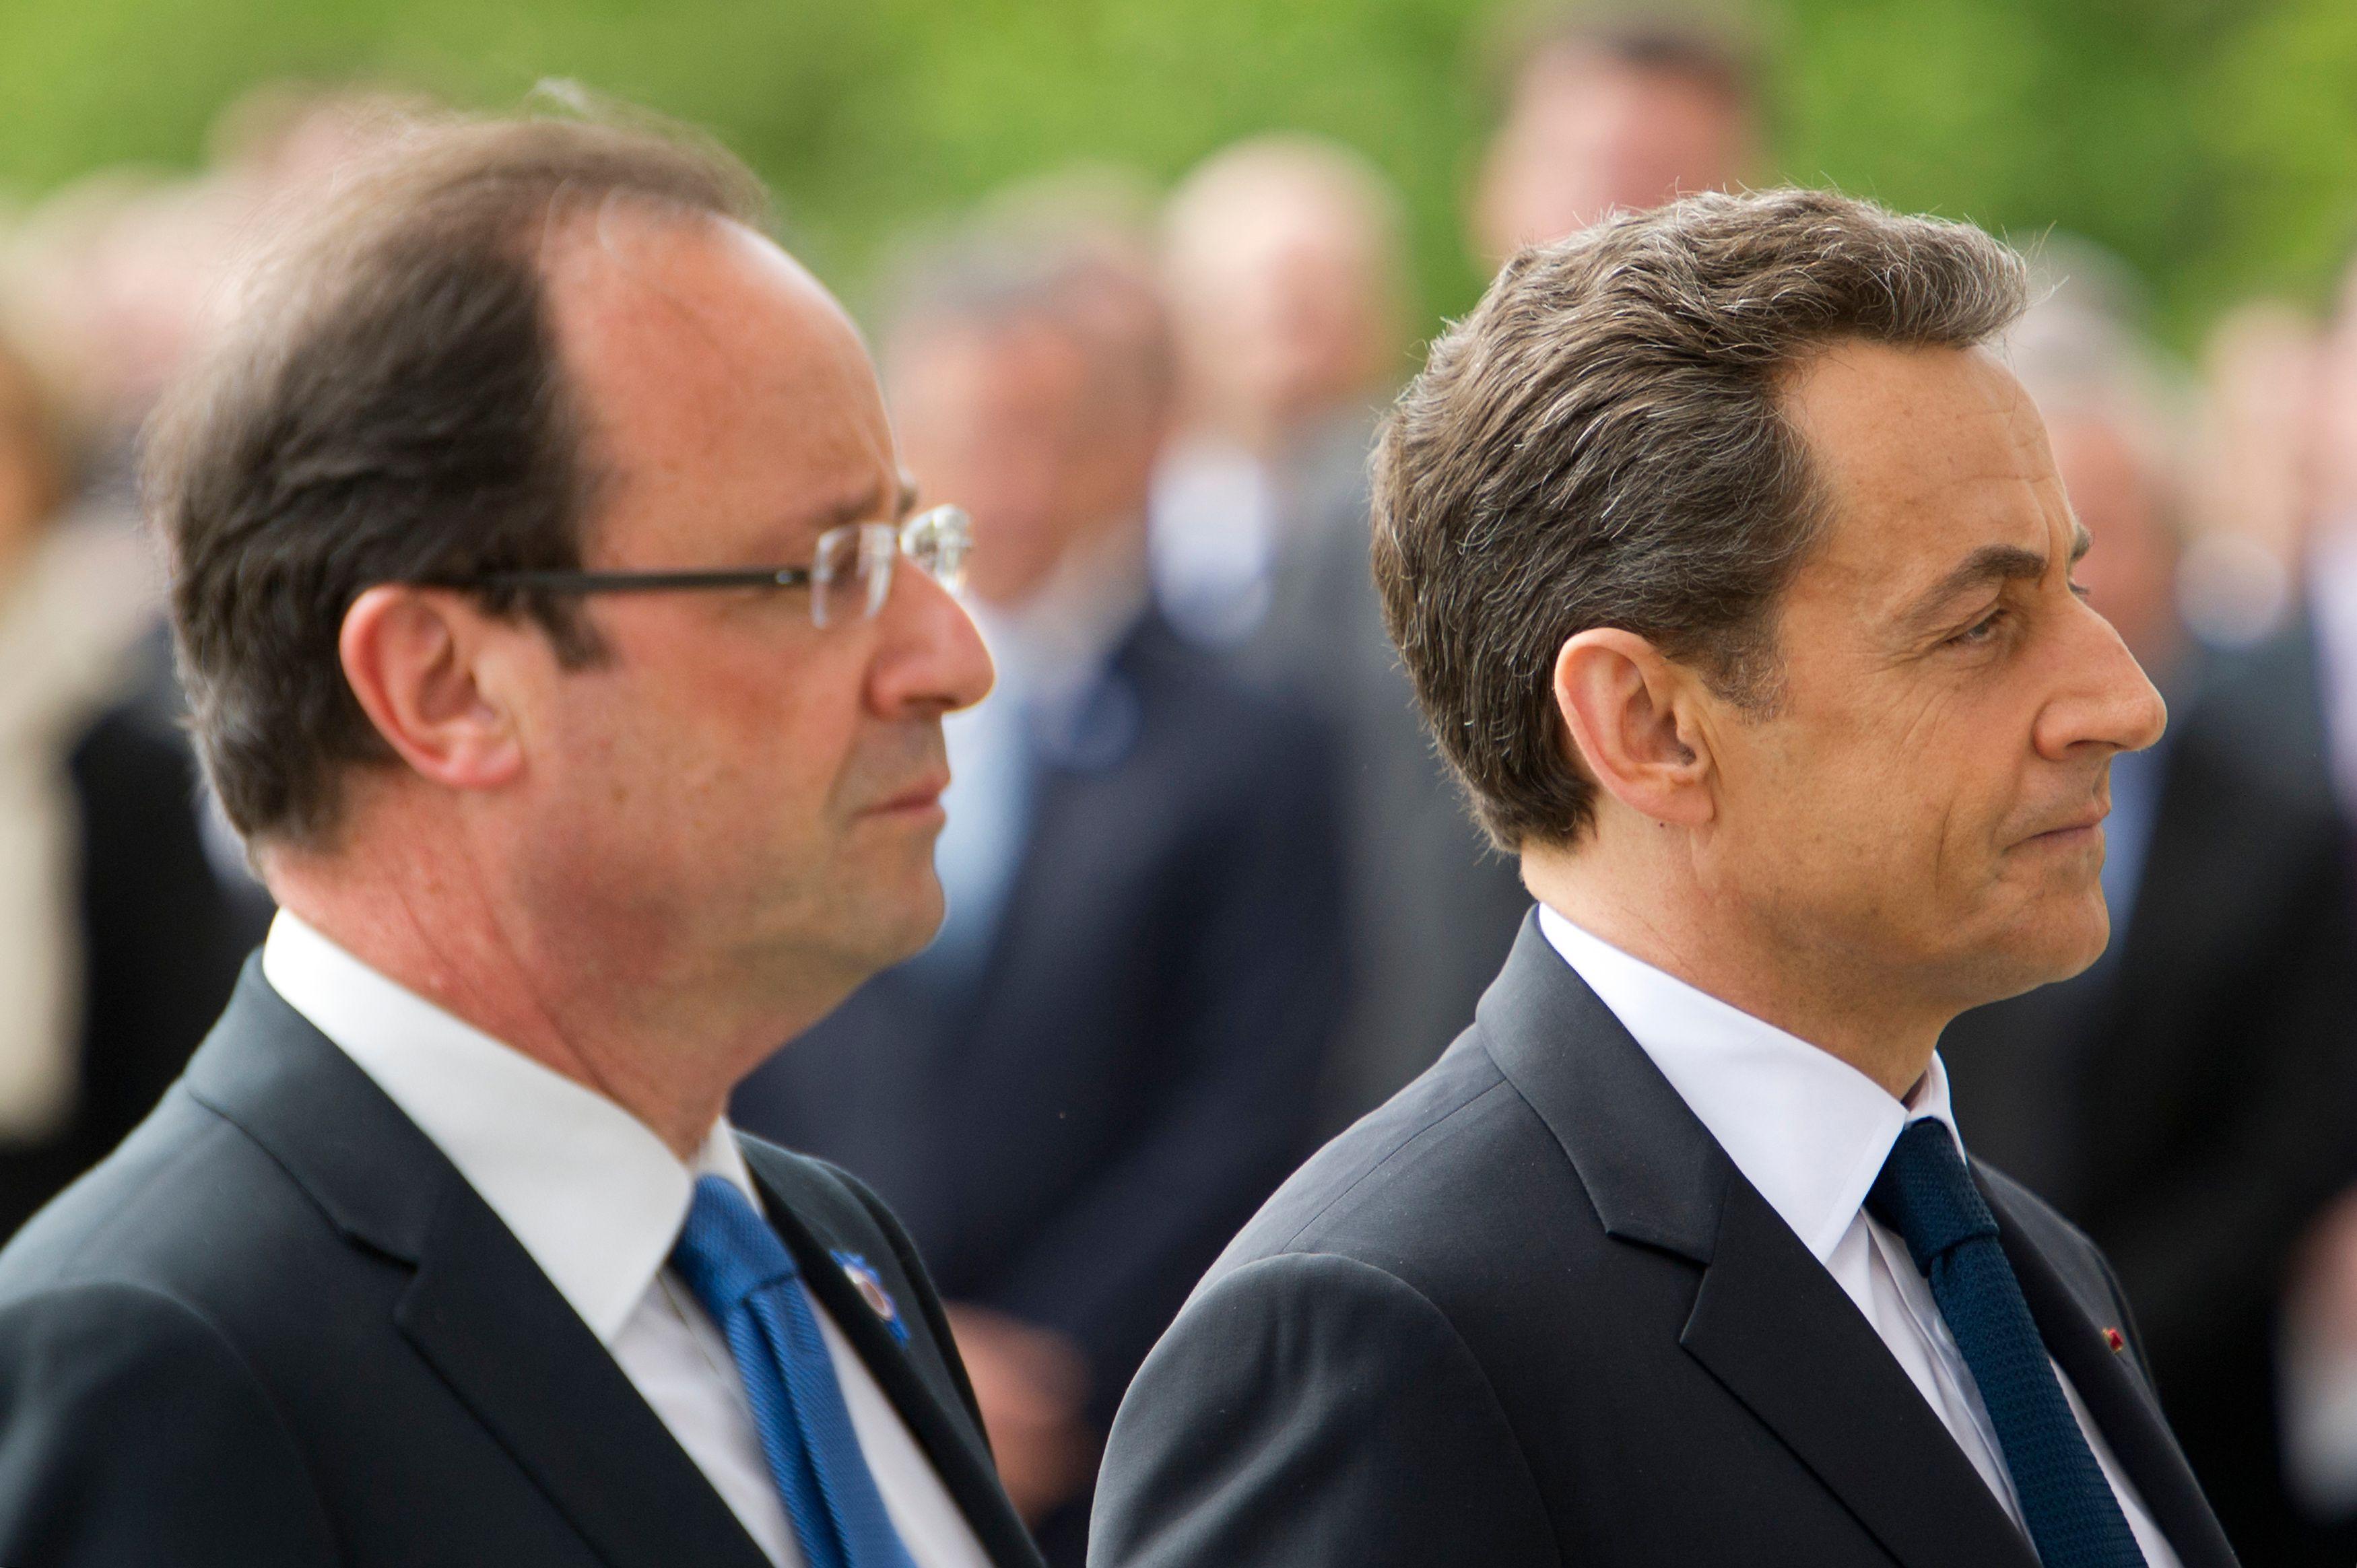 François Hollande et Nicolas Sarkozy ont publié à quelques jours d'intervalle une tribune sur l'Europe.